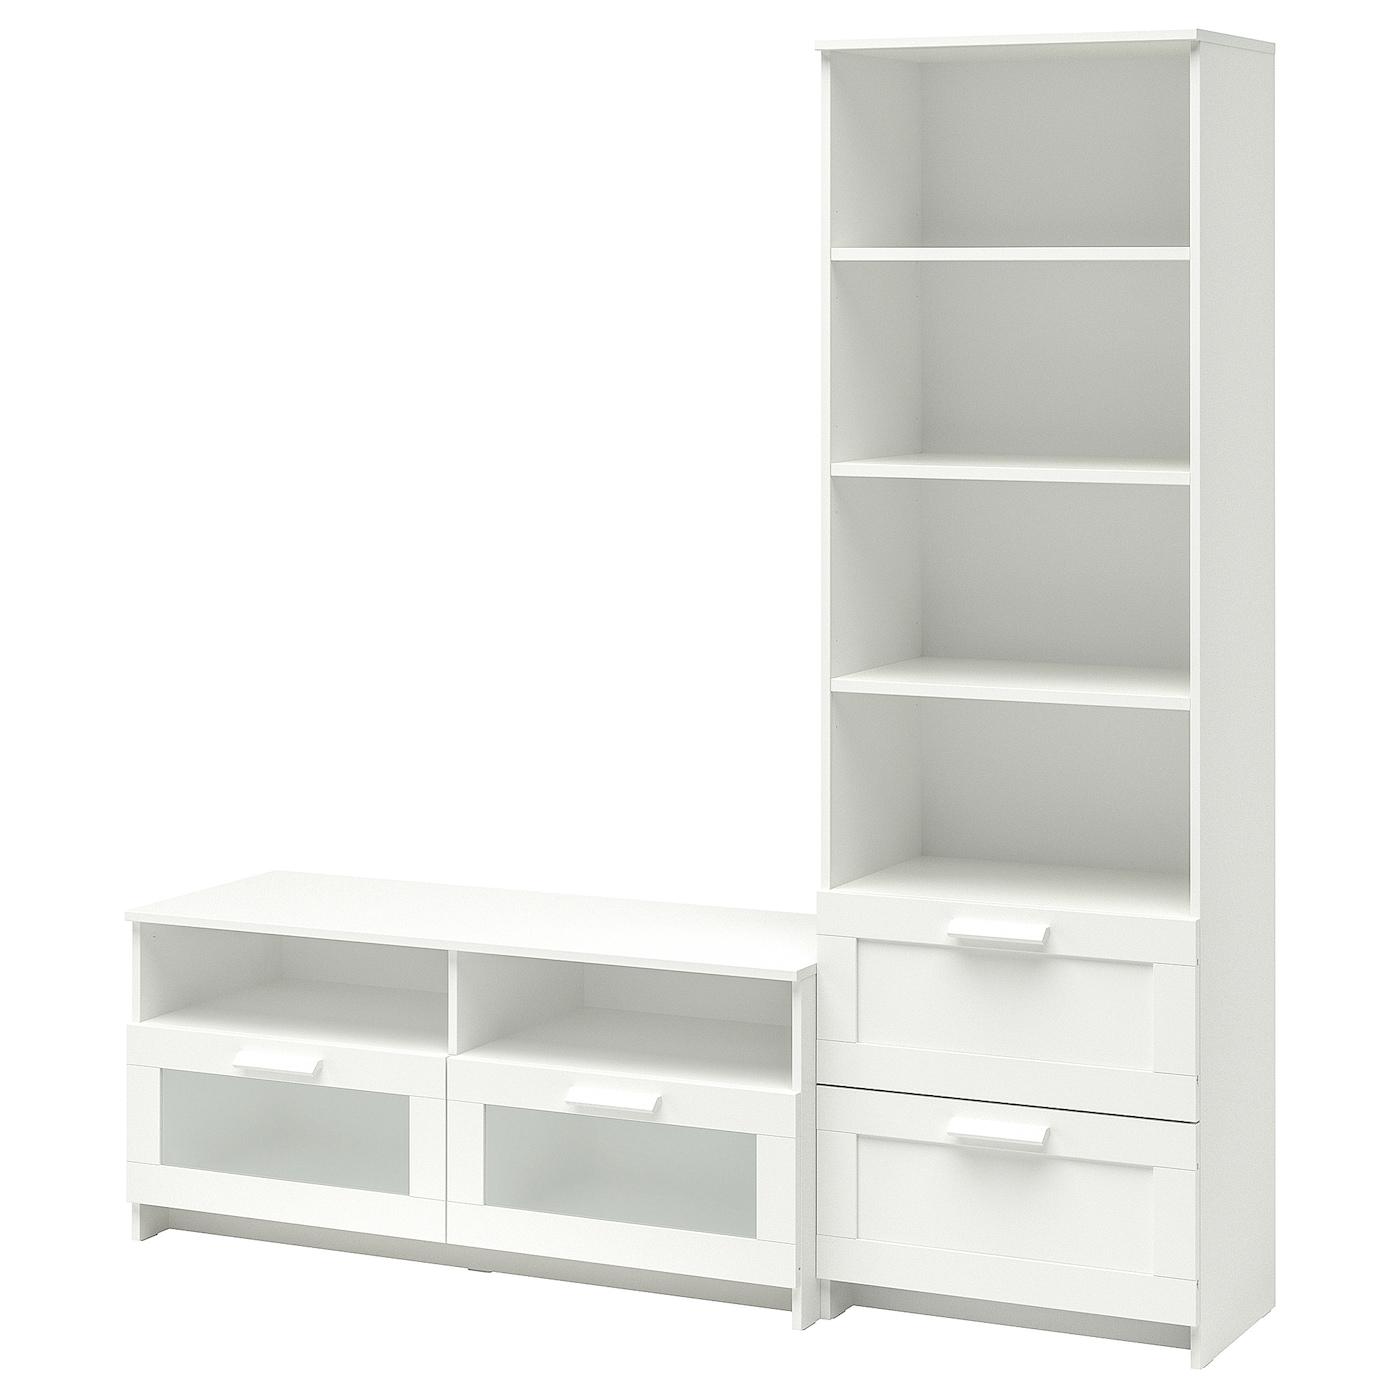 Muebles de TV y Muebles para el Salón | Compra Online IKEA - photo#19